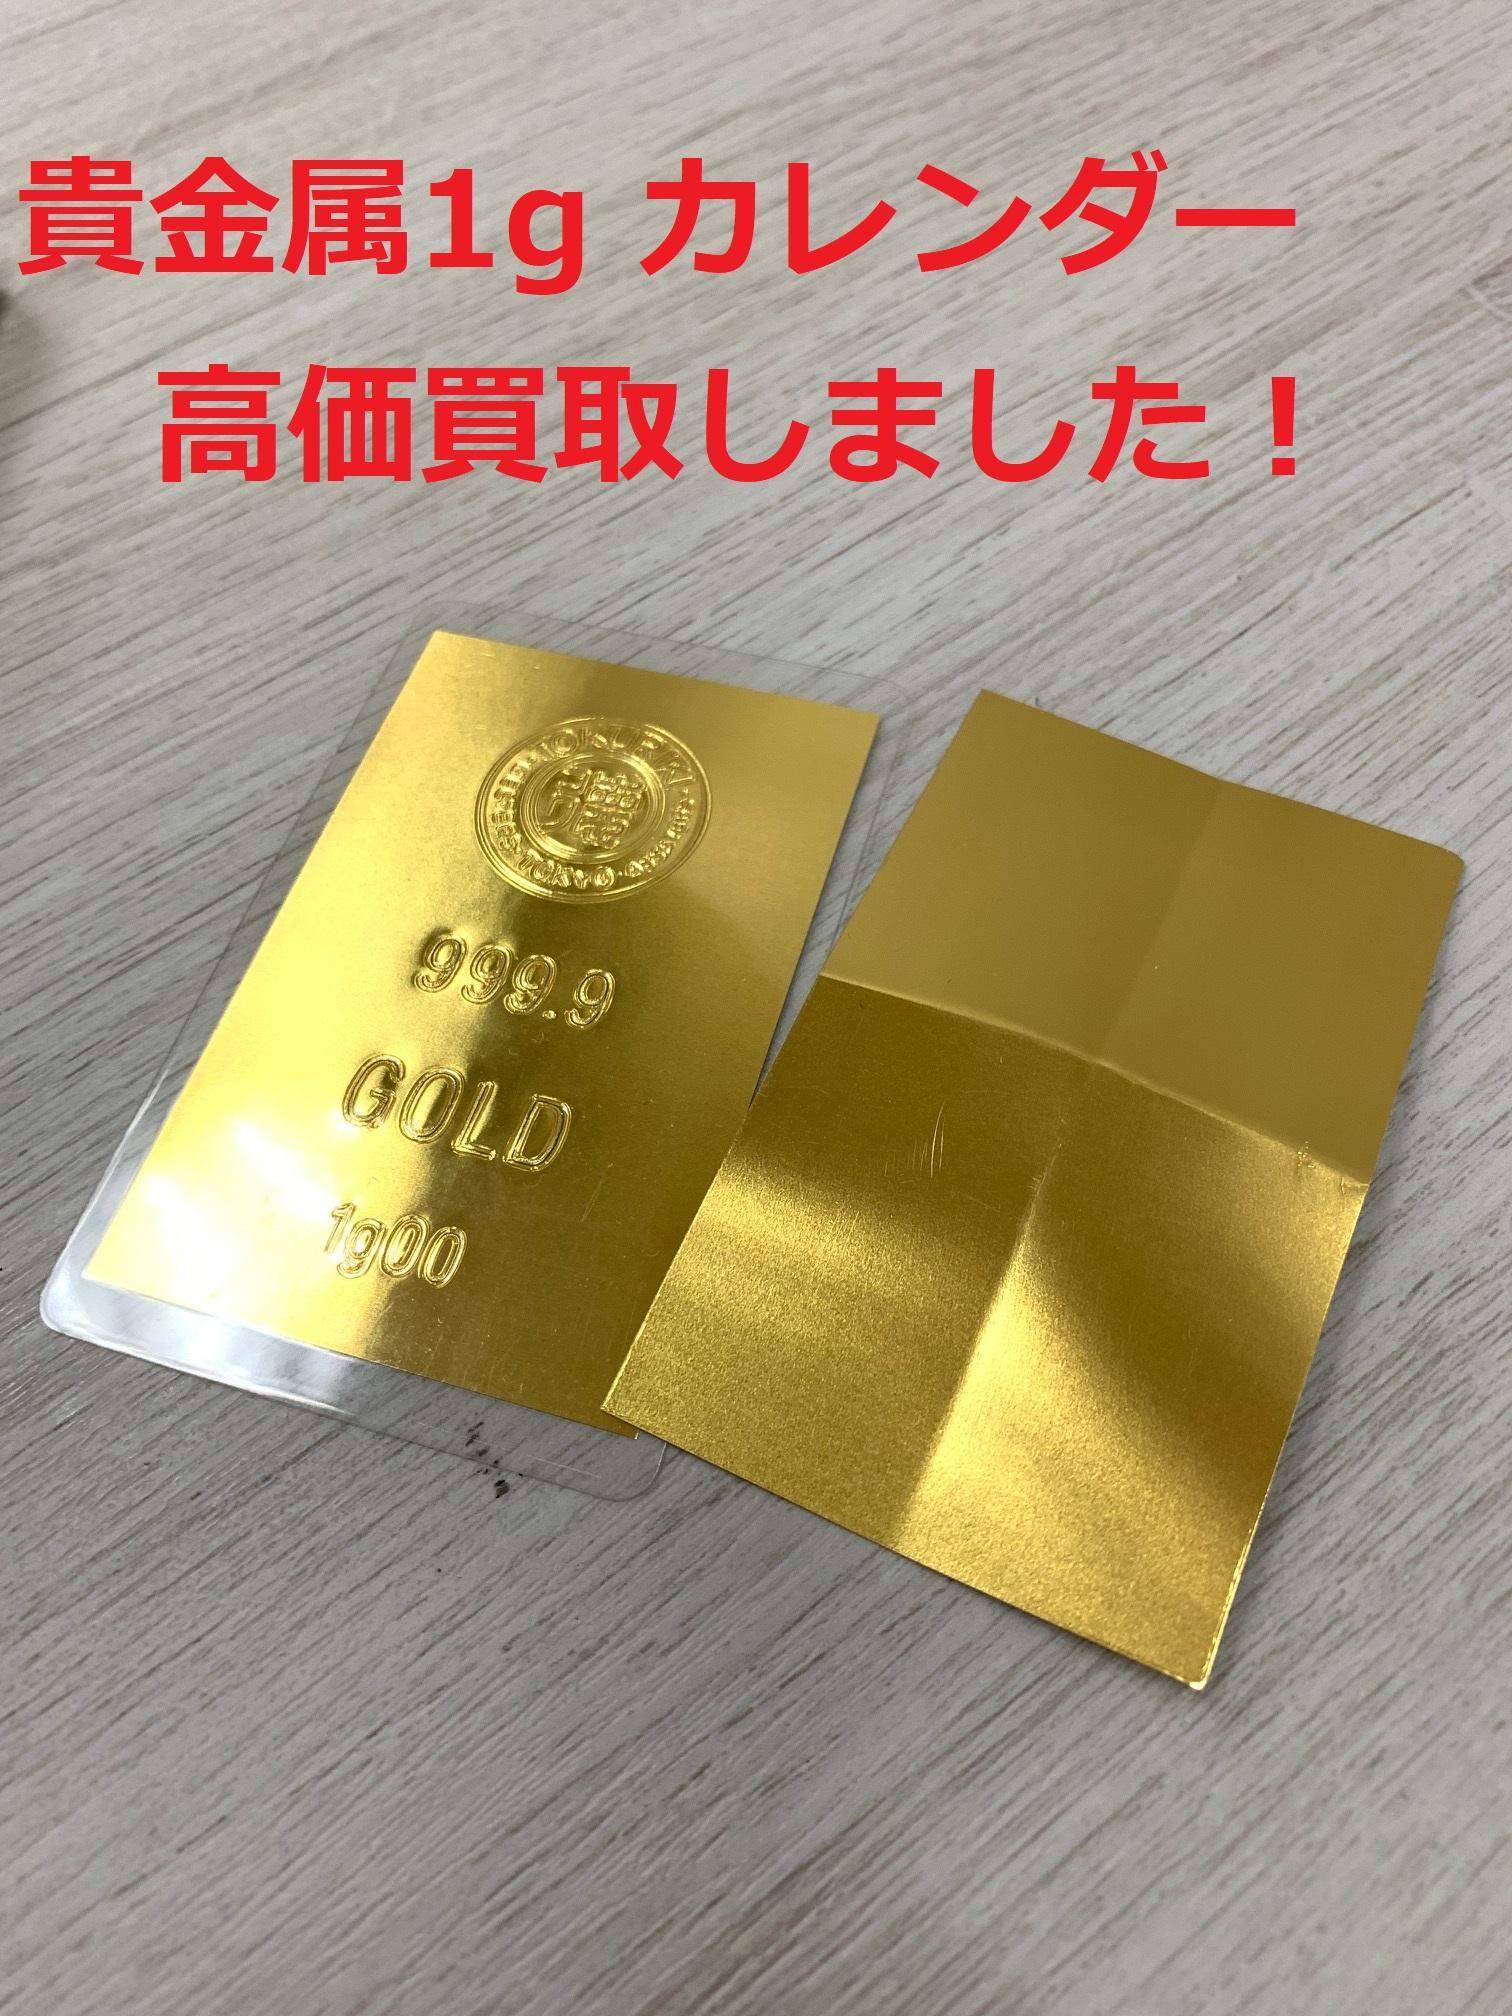 買取わかばイオン藤沢湘南ライフタウン店徳力K24 999.9 カード高価買取させて頂きました!メッキアクセサリーも大大大歓迎です!!